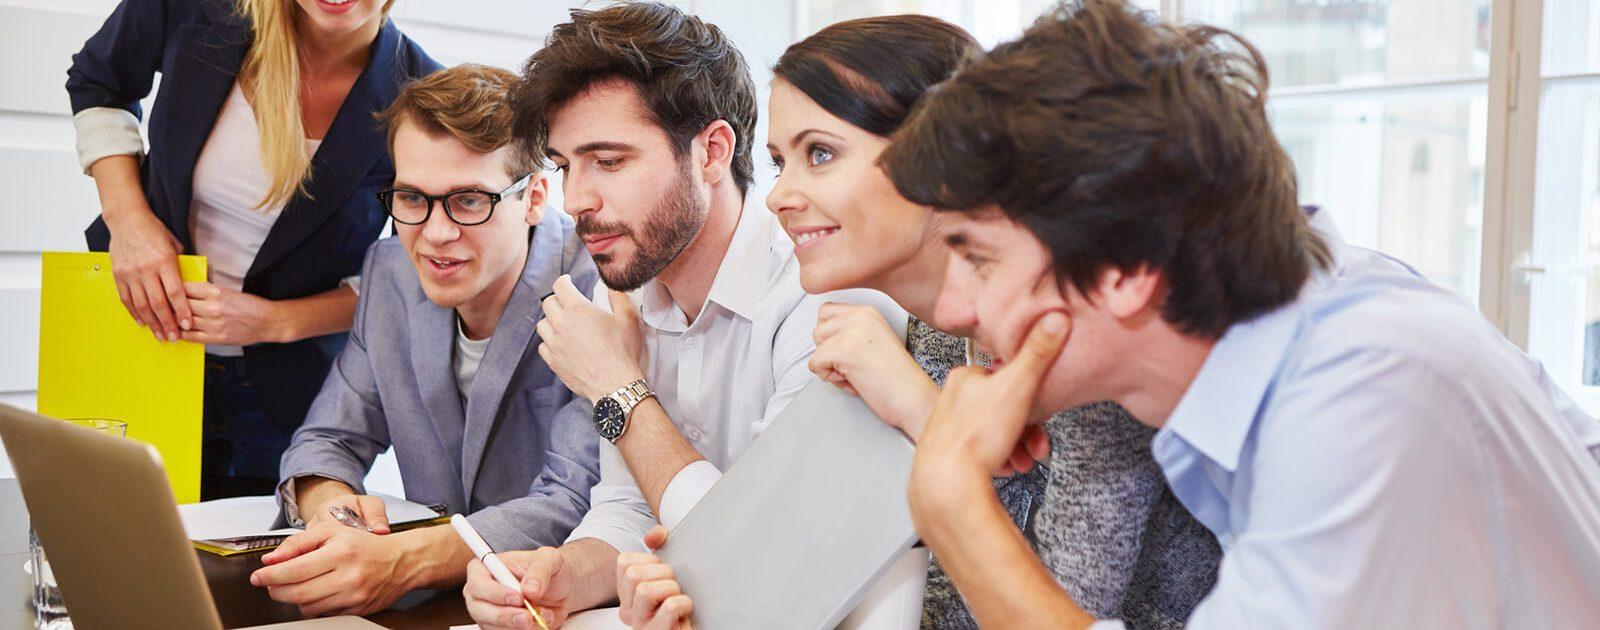 Augentropfen, Augensalbe und Augengele: Gruppe von Menschen schaut auf Computerbildschirm.